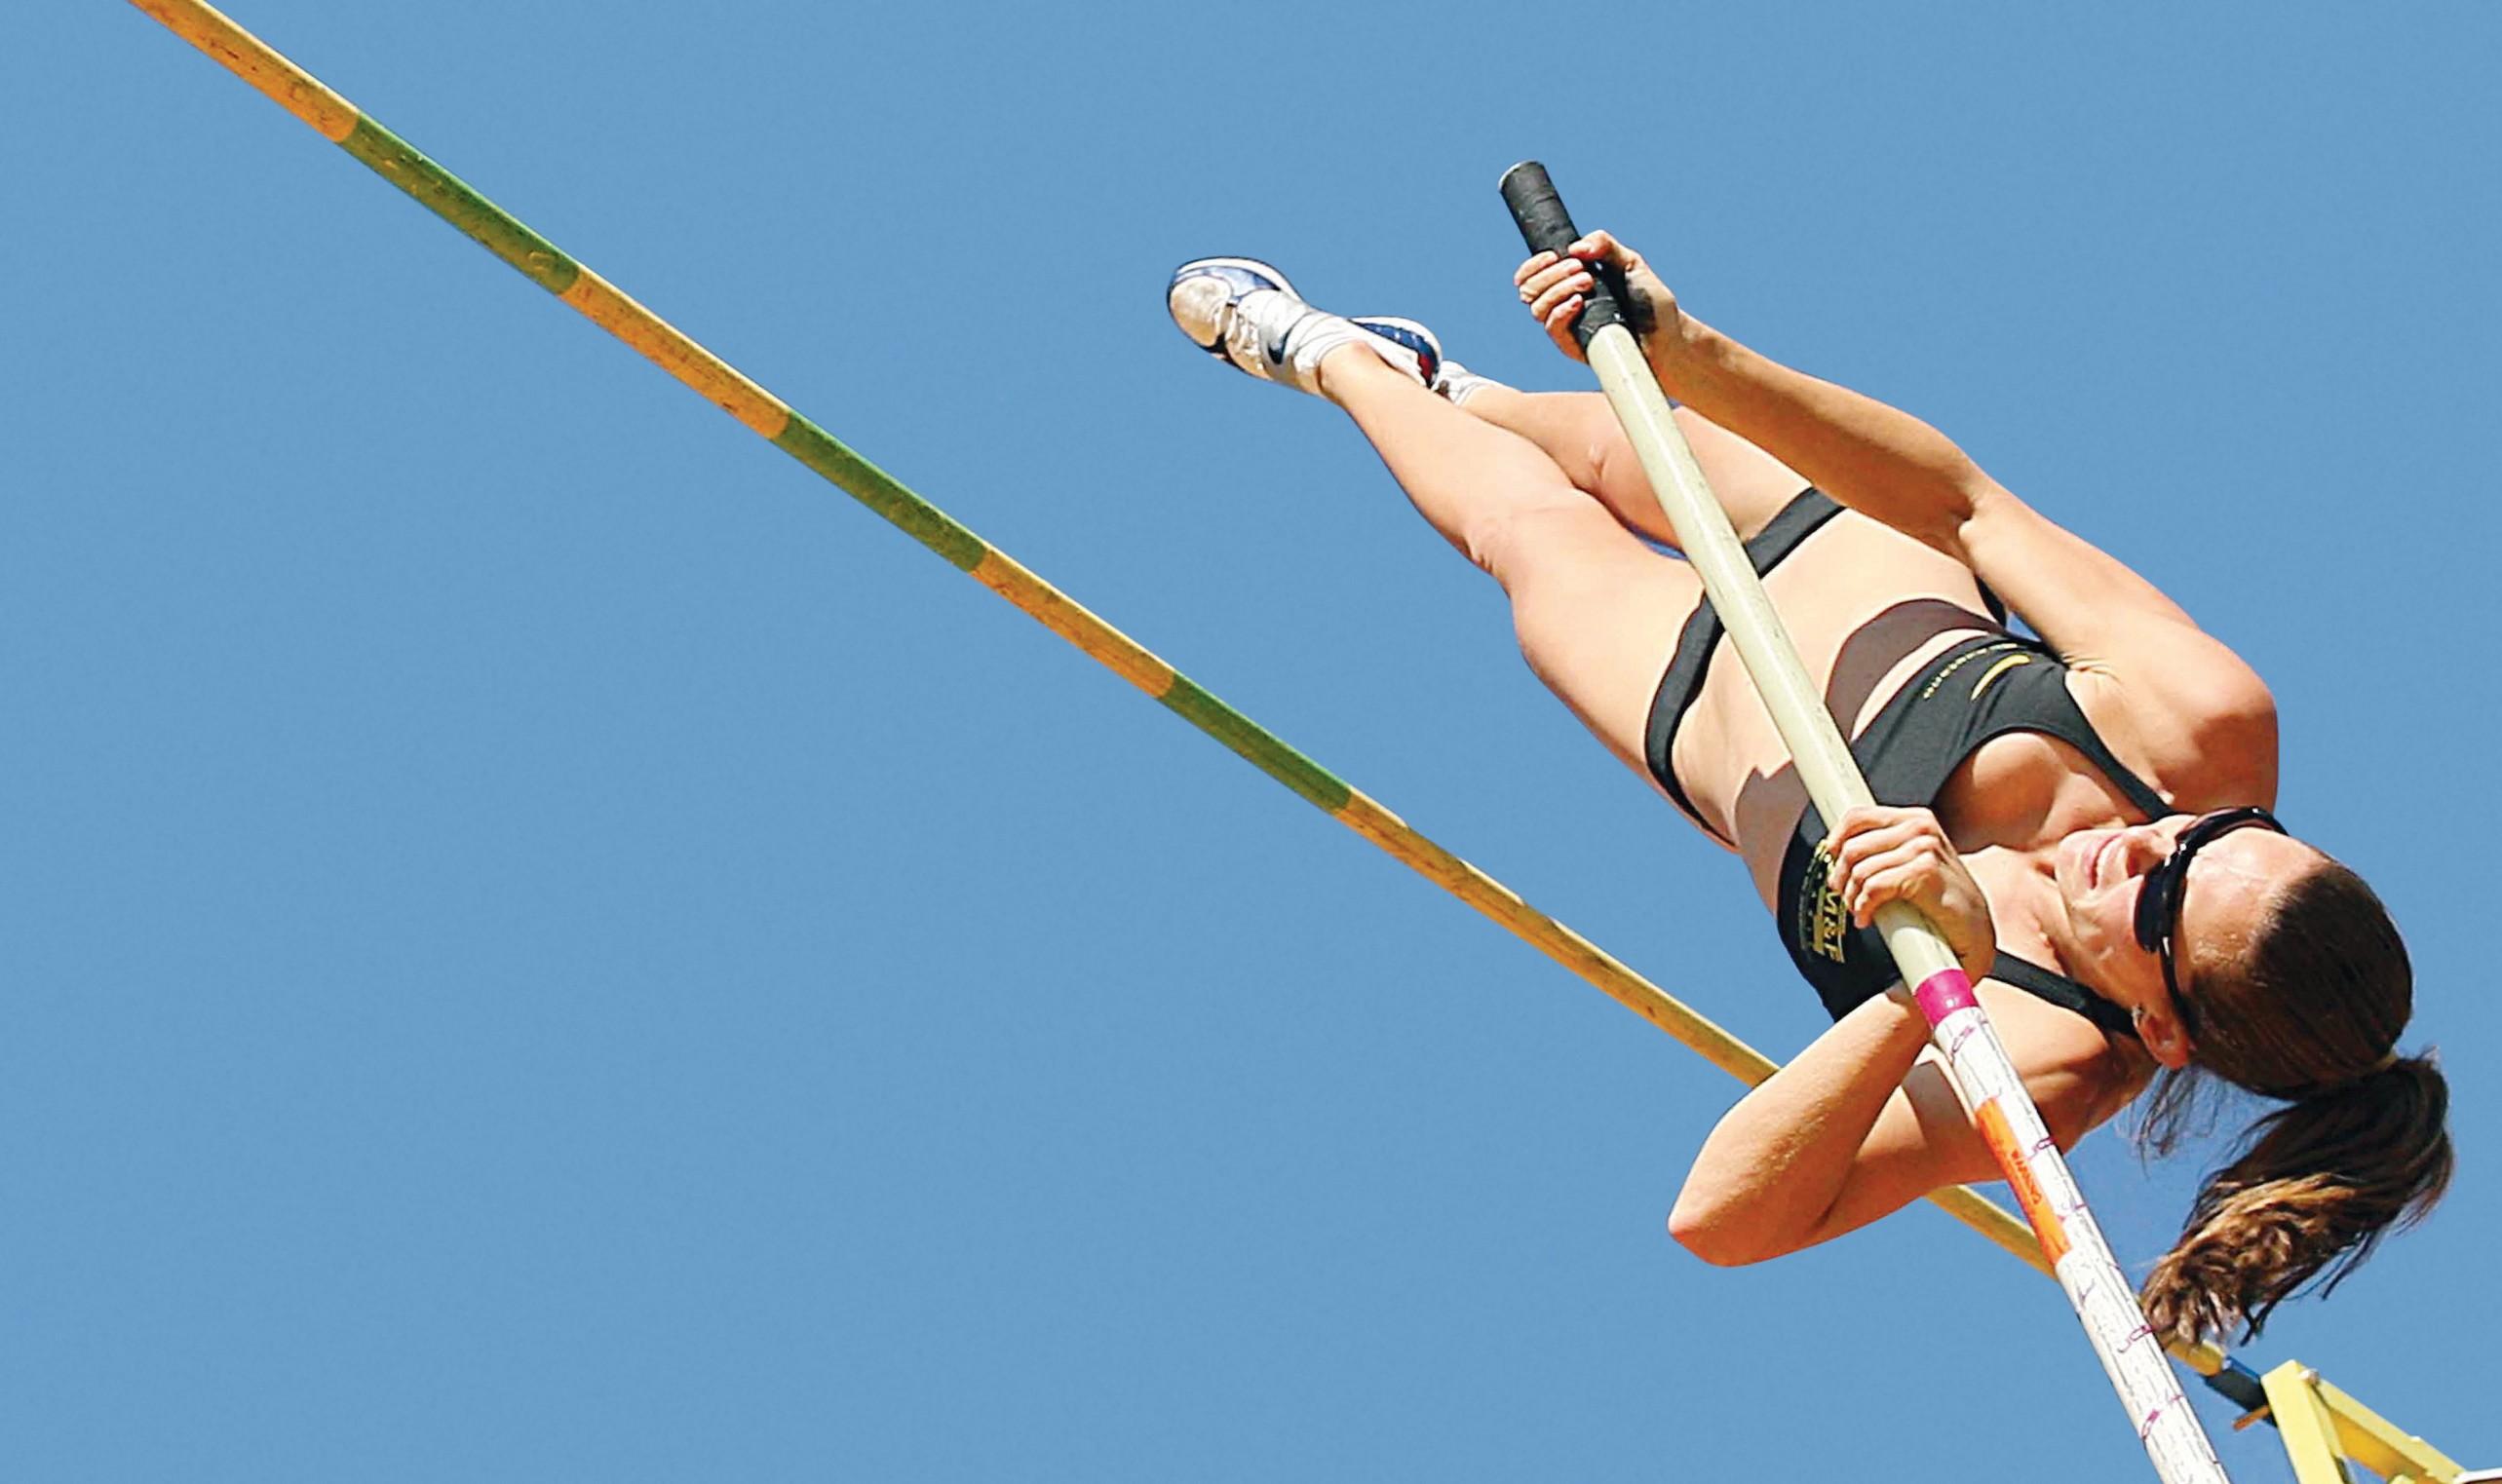 Saltadora brasileira Fabiana Murer em ação: cópias do alelo R do gene ACTN3 seriam benéficas para a prática de esportes que dependem de velocidade e força